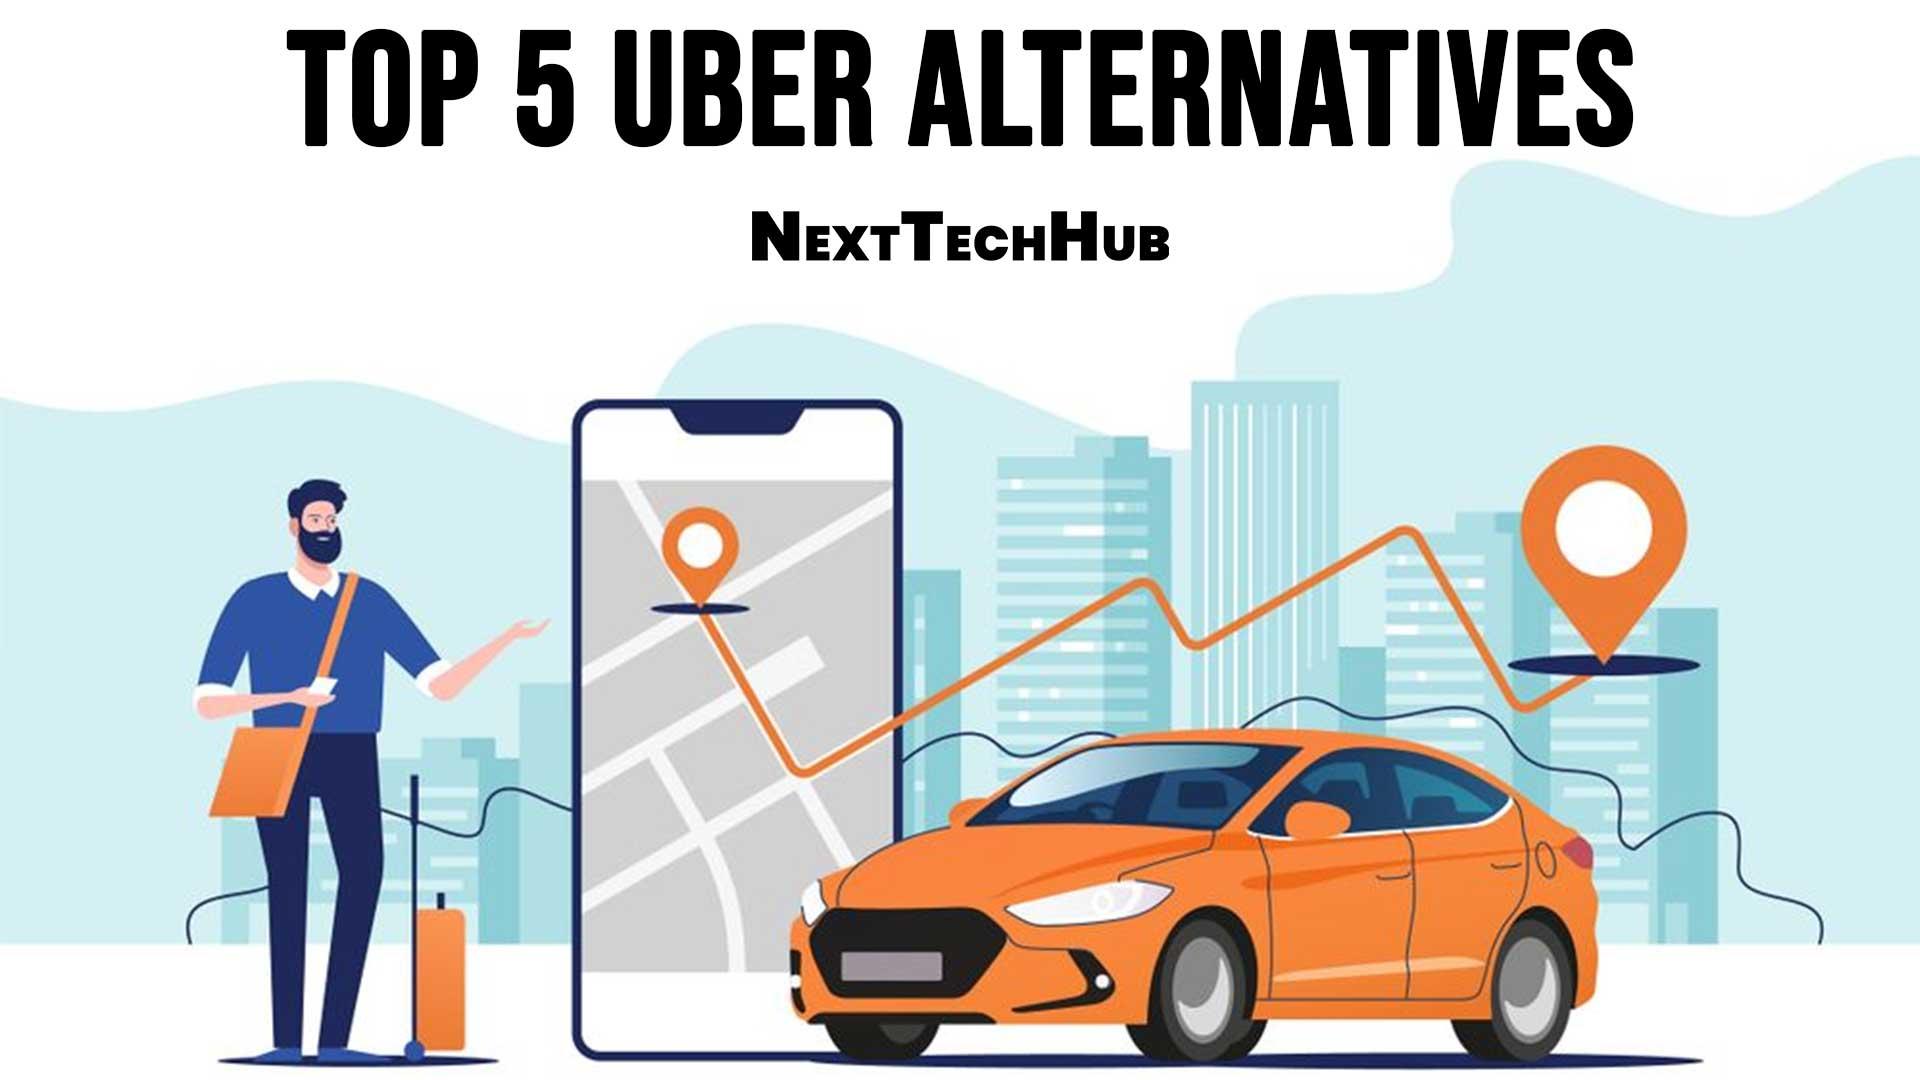 Top Uber Alternatives